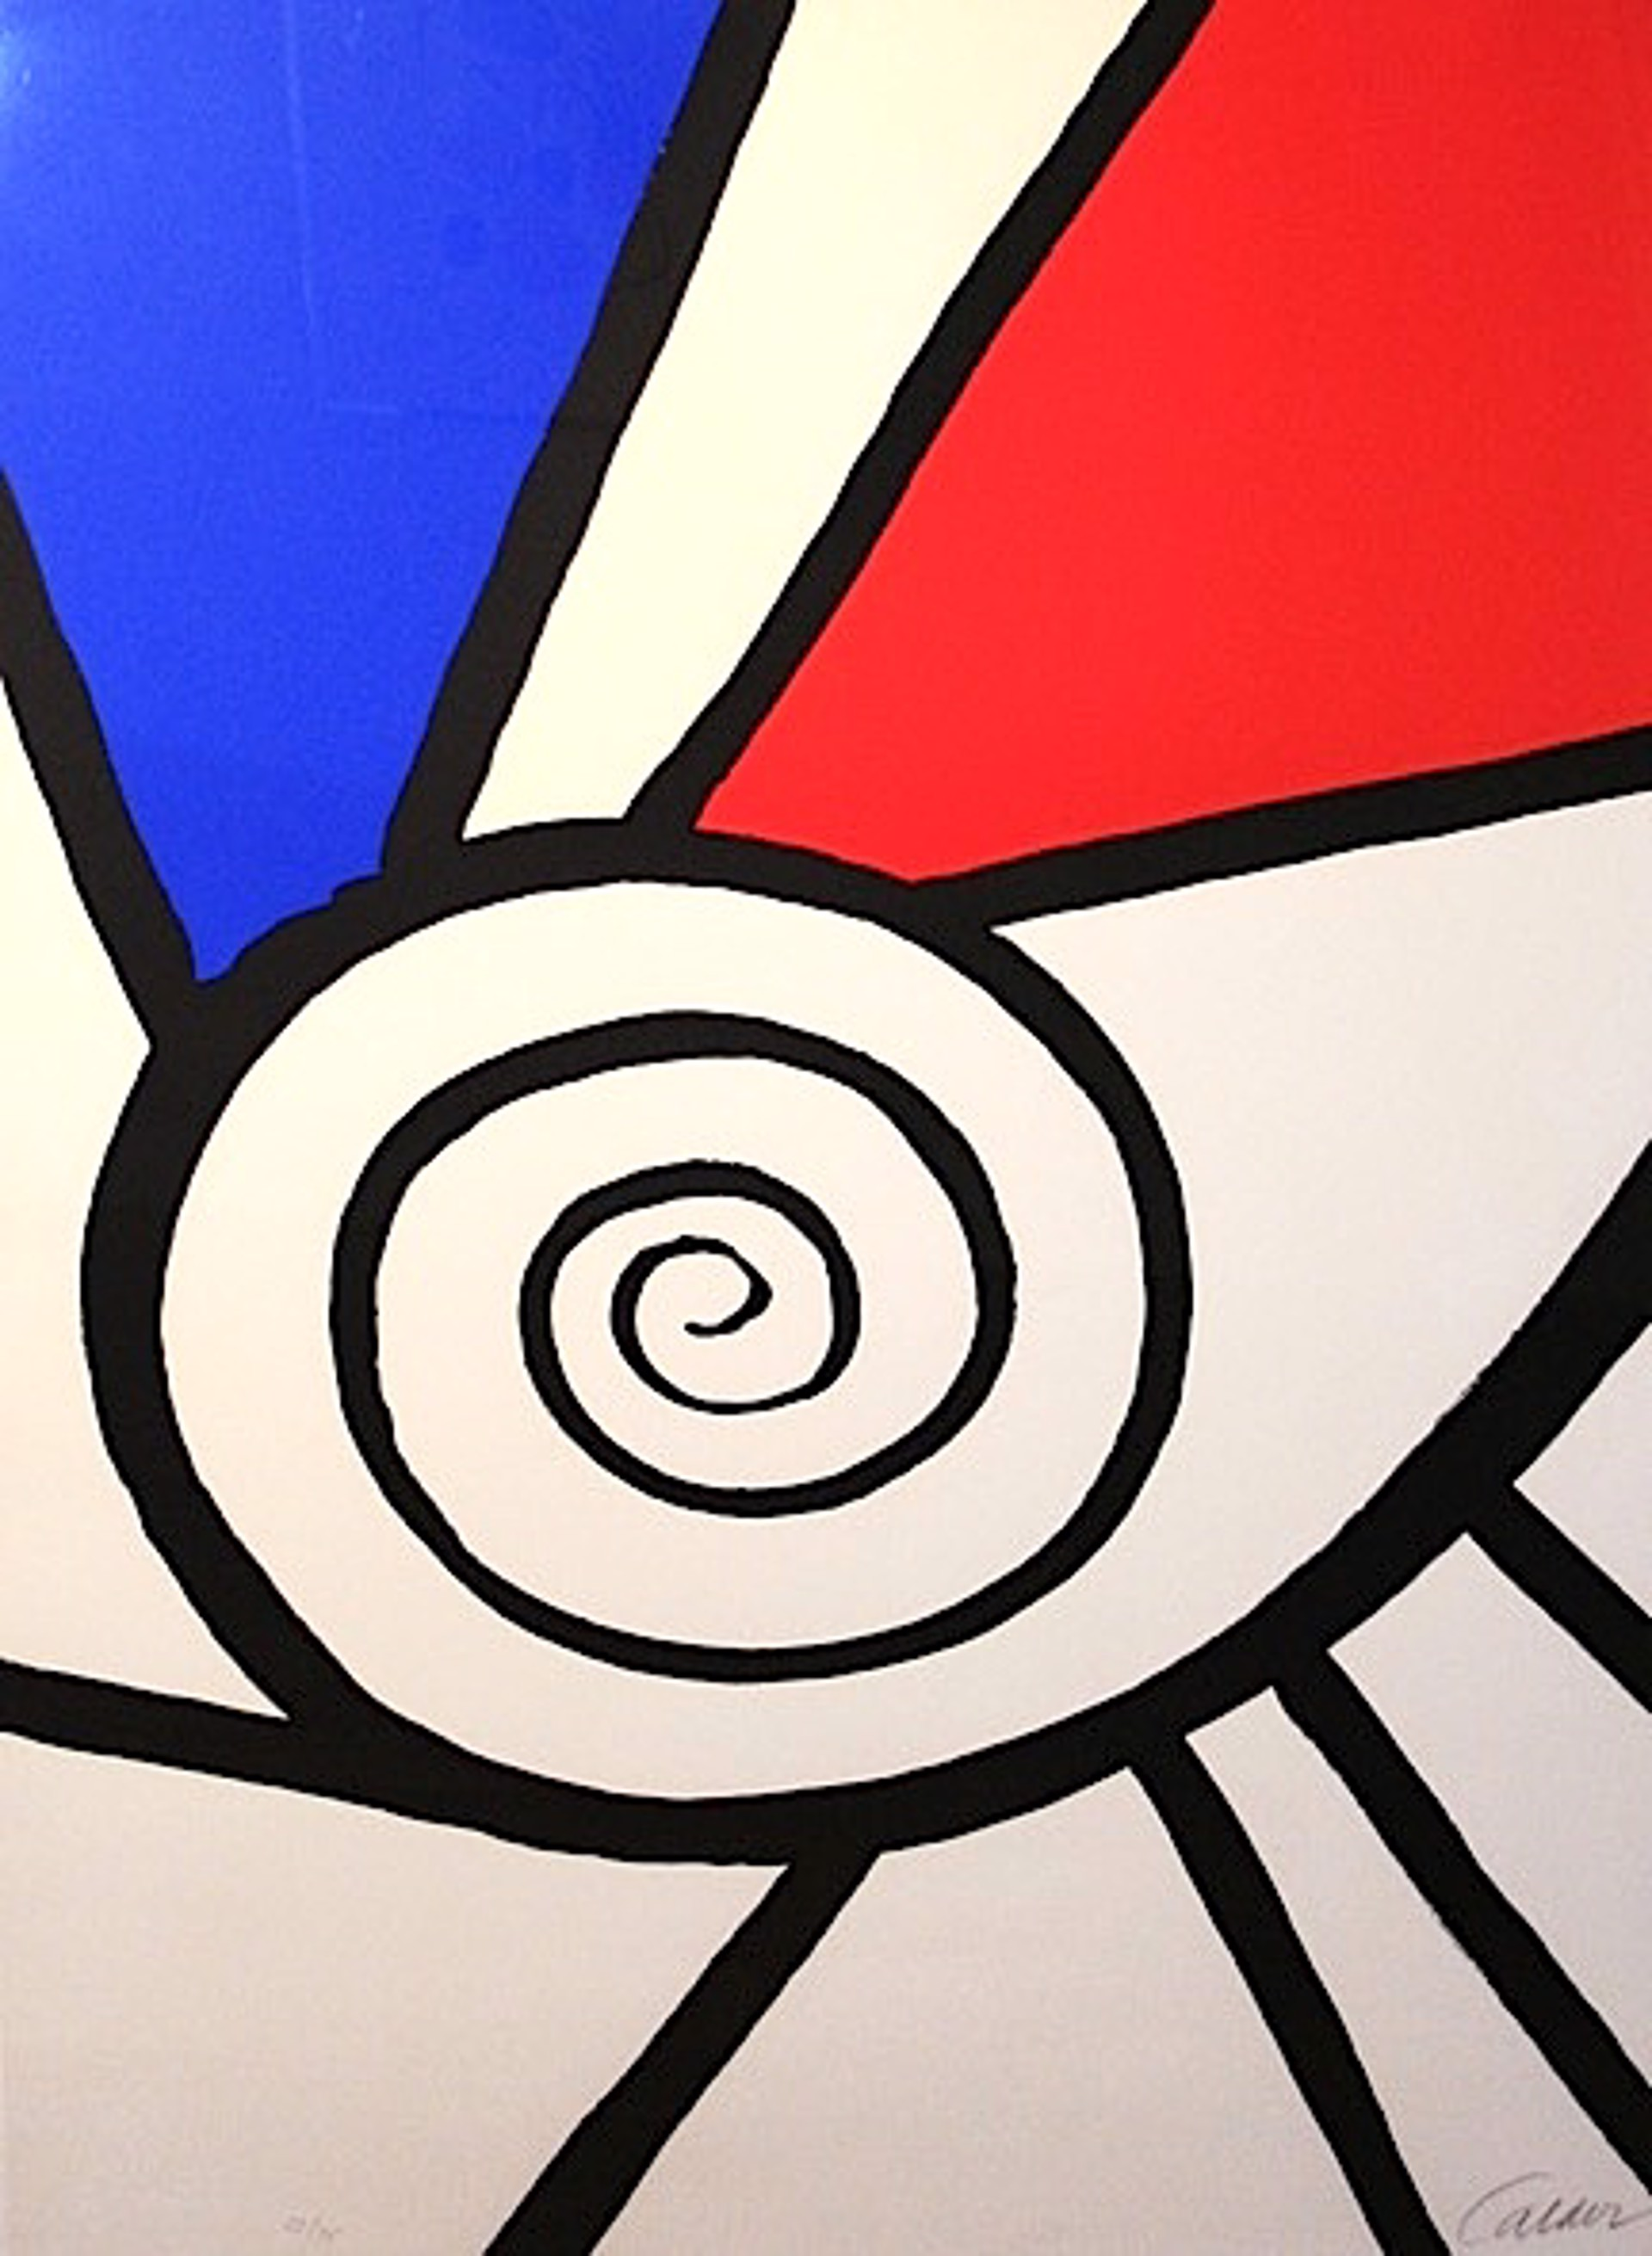 Spirale by Alexander Calder